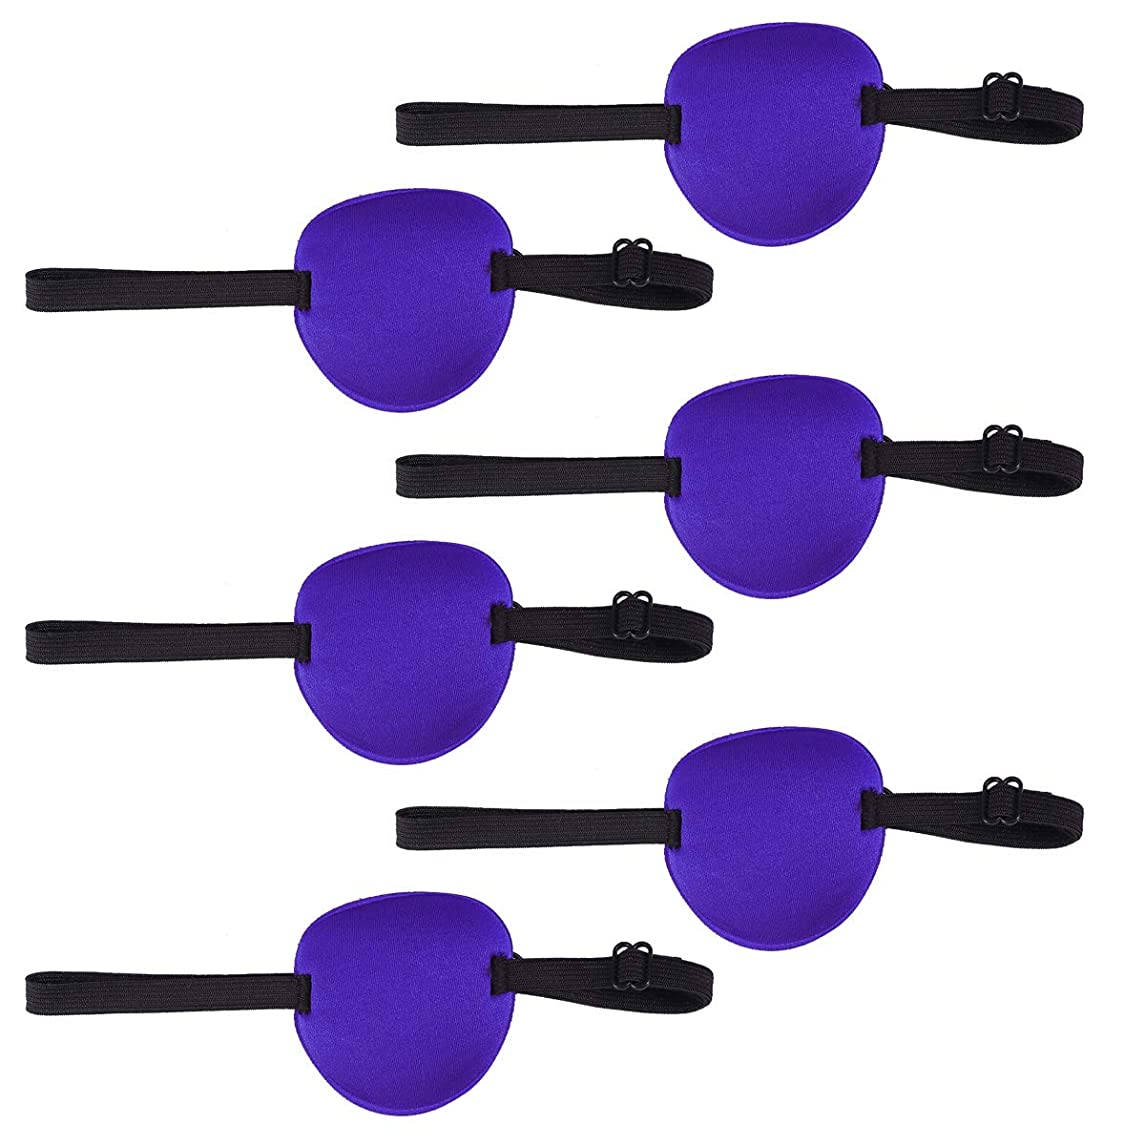 不明瞭アーティファクト置換Healifty 調節可能な弾性バックル付きアイパッチ弱視スポンジアイパッチ6個(青)